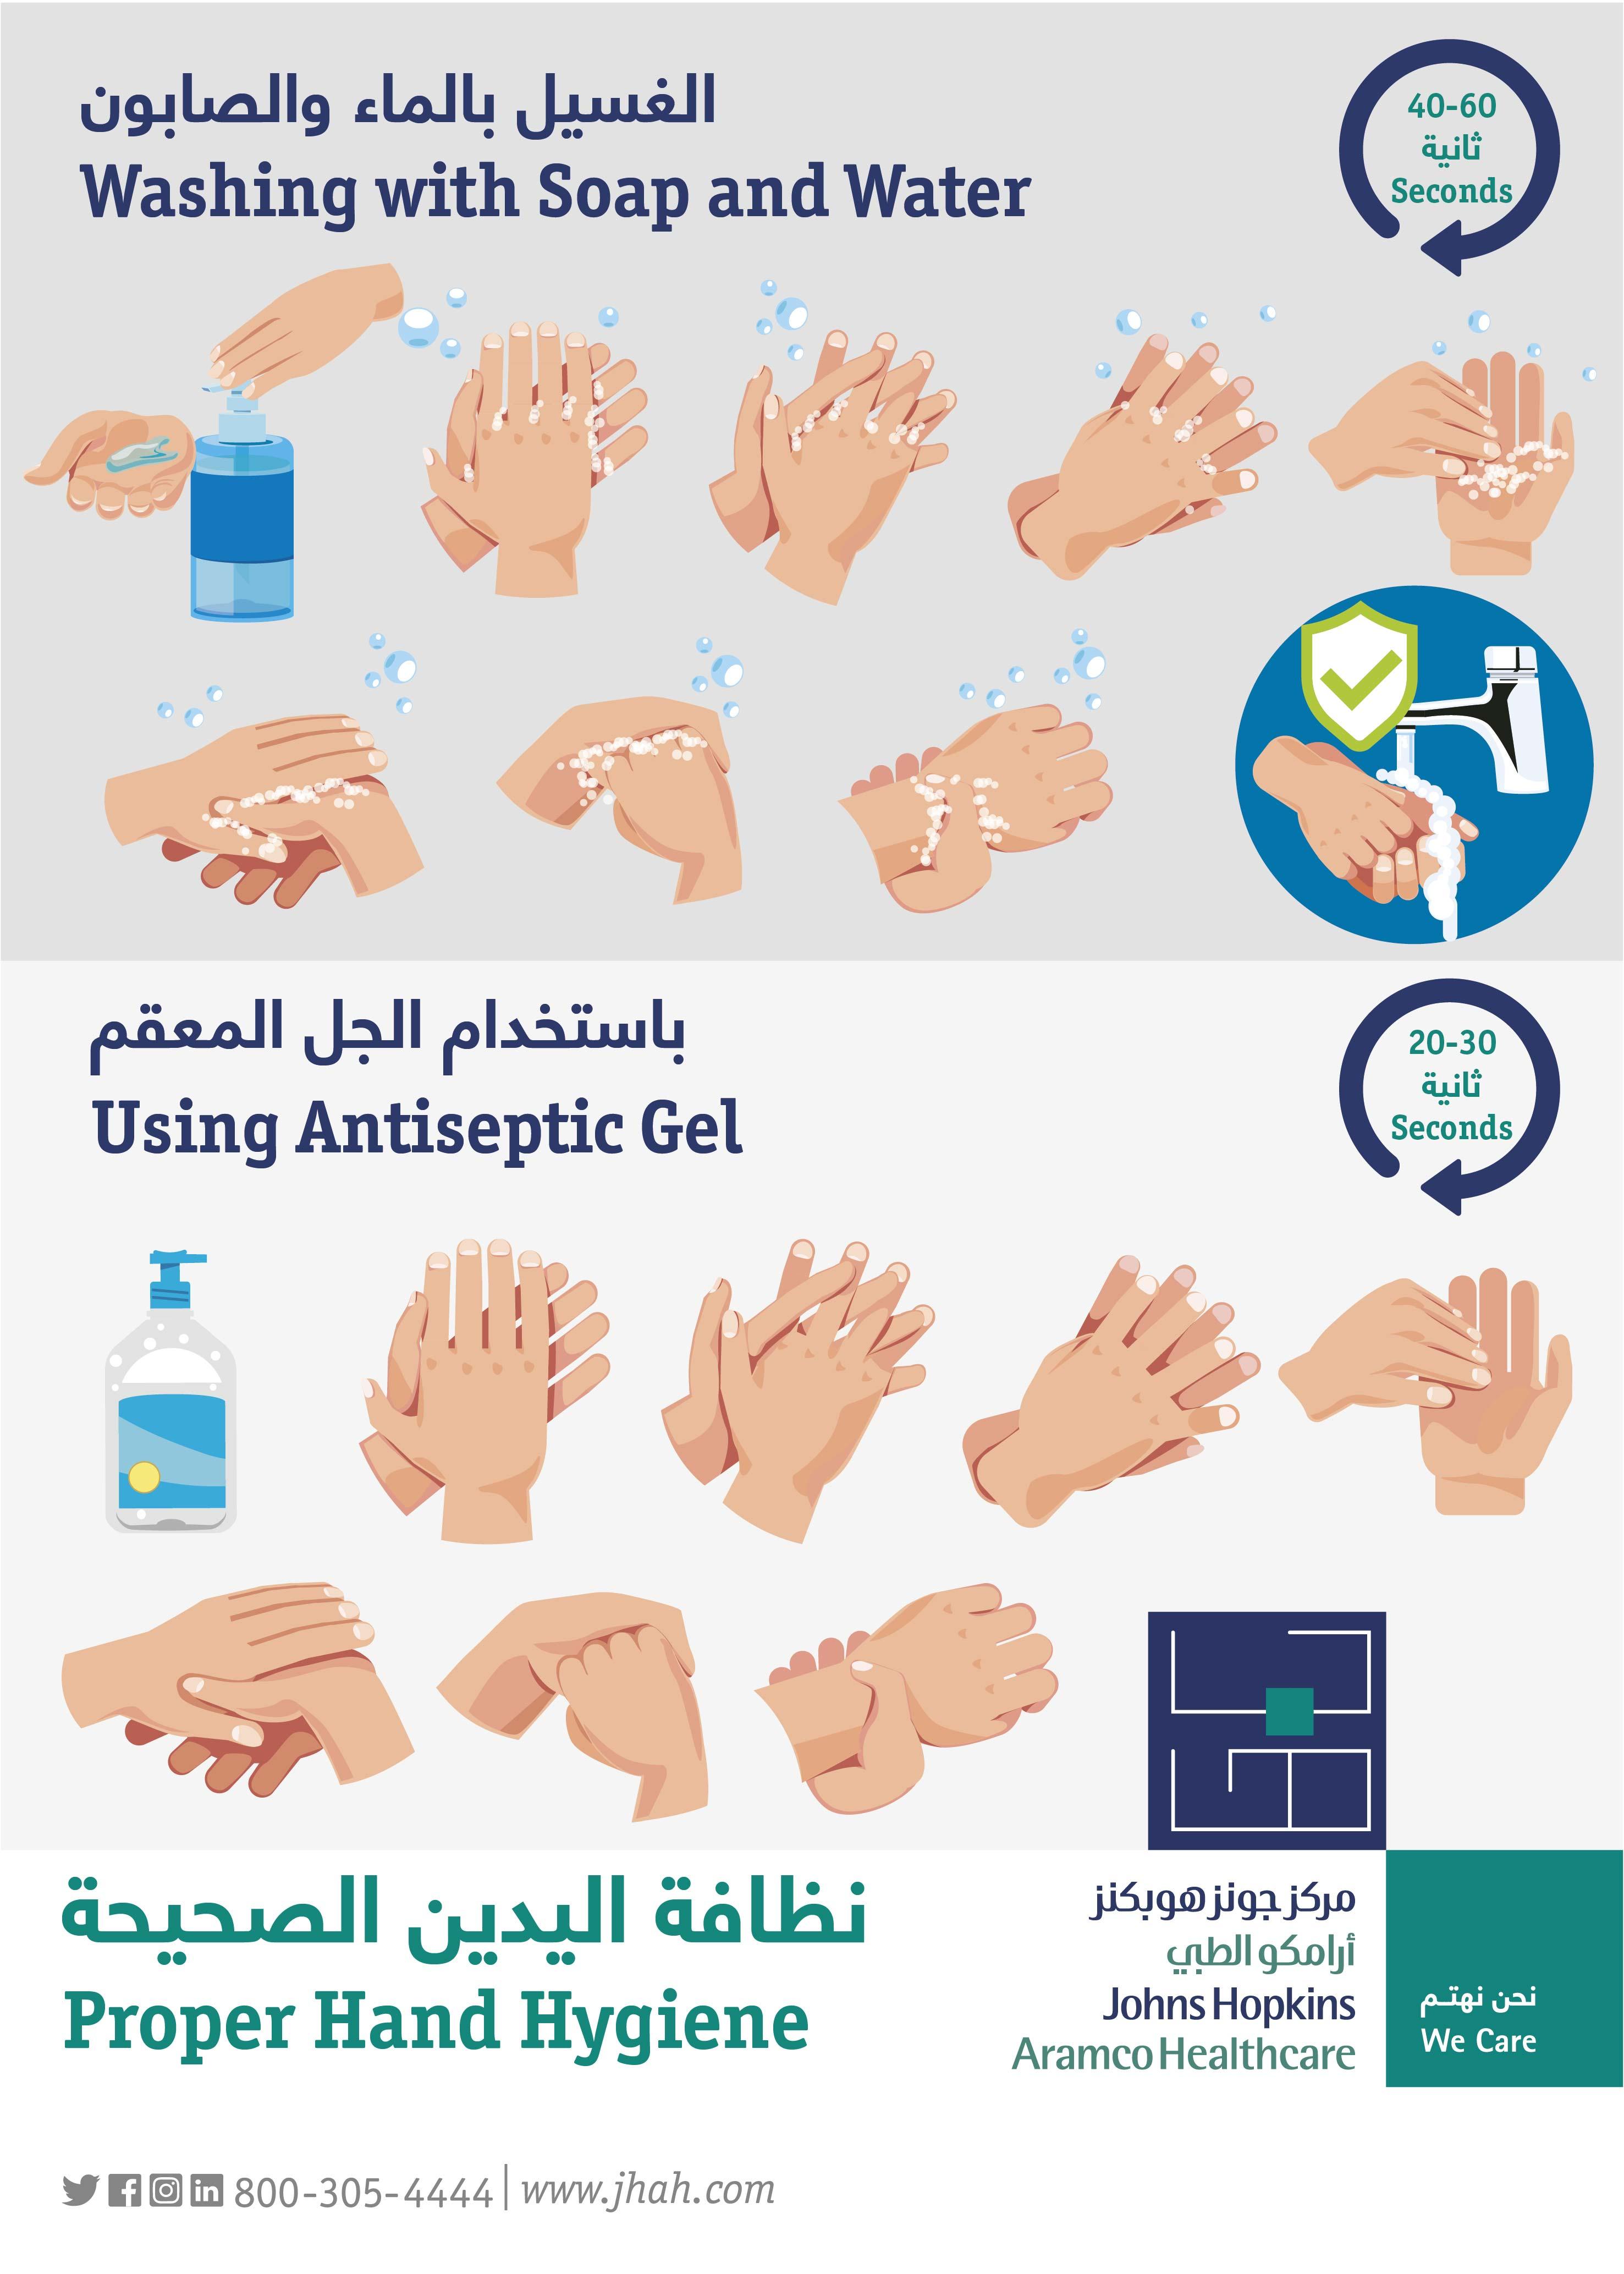 https://www.jhah.com/media/2913/news-novel-coronavirus-2019-ncov-hand-hygiene.jpg